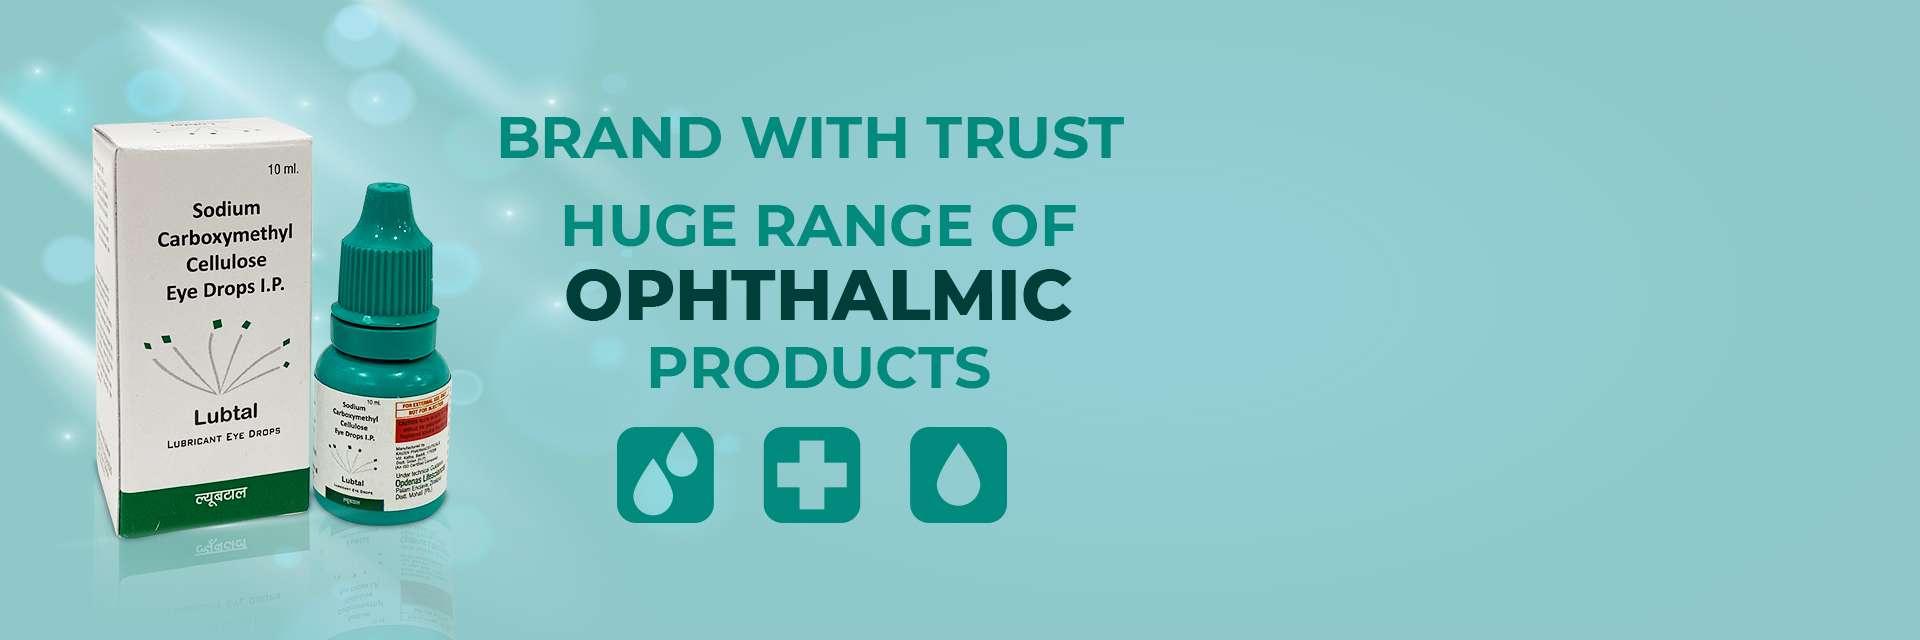 pharma-distributor-banner